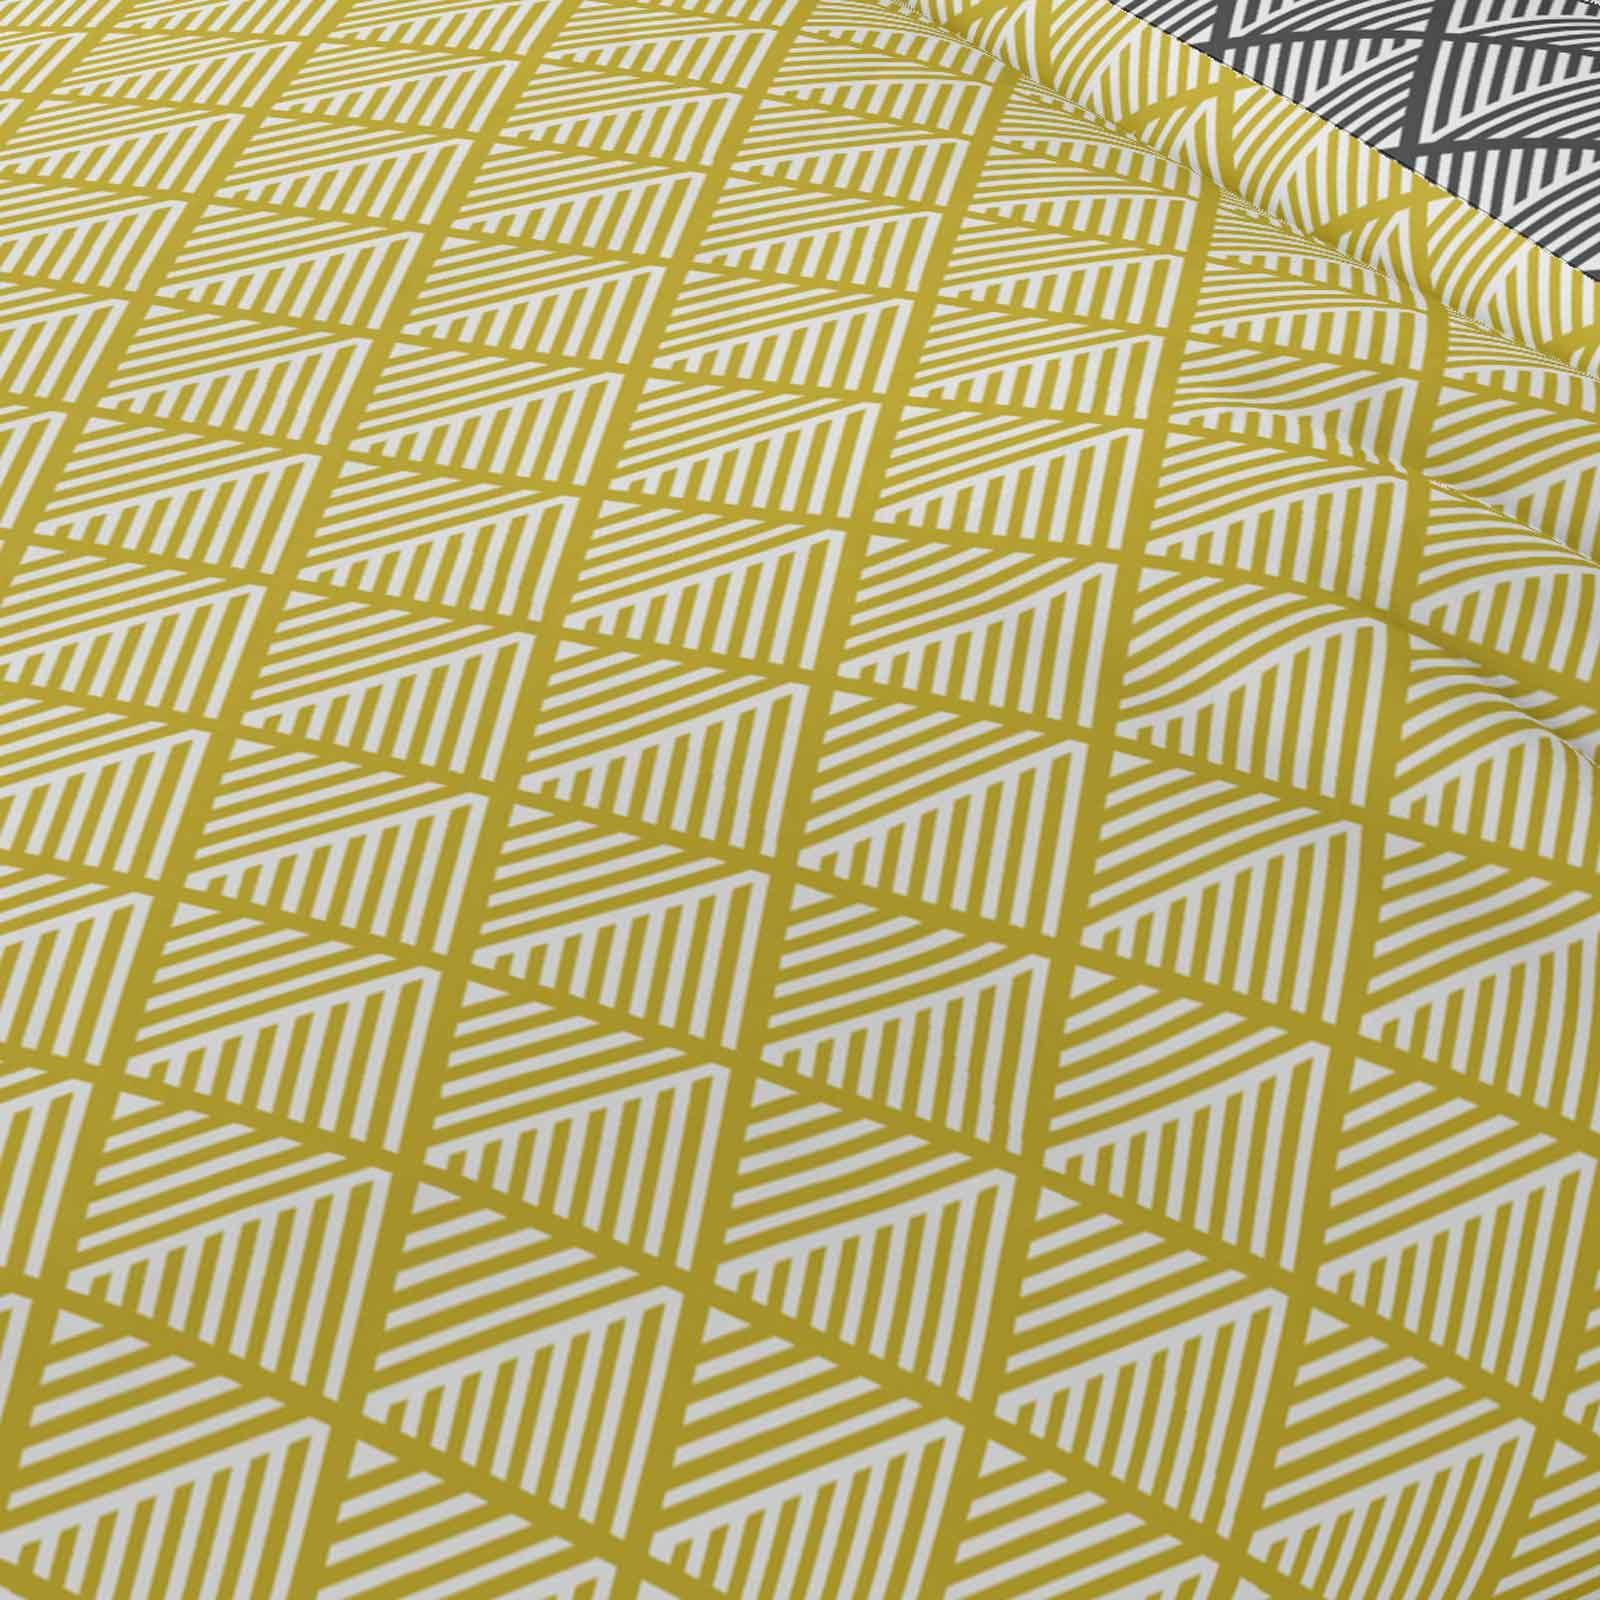 Mostaza-amarillo-ocre-Funda-de-edredon-impreso-Edredon-juego-ropa-de-cama-cubre-conjuntos miniatura 26